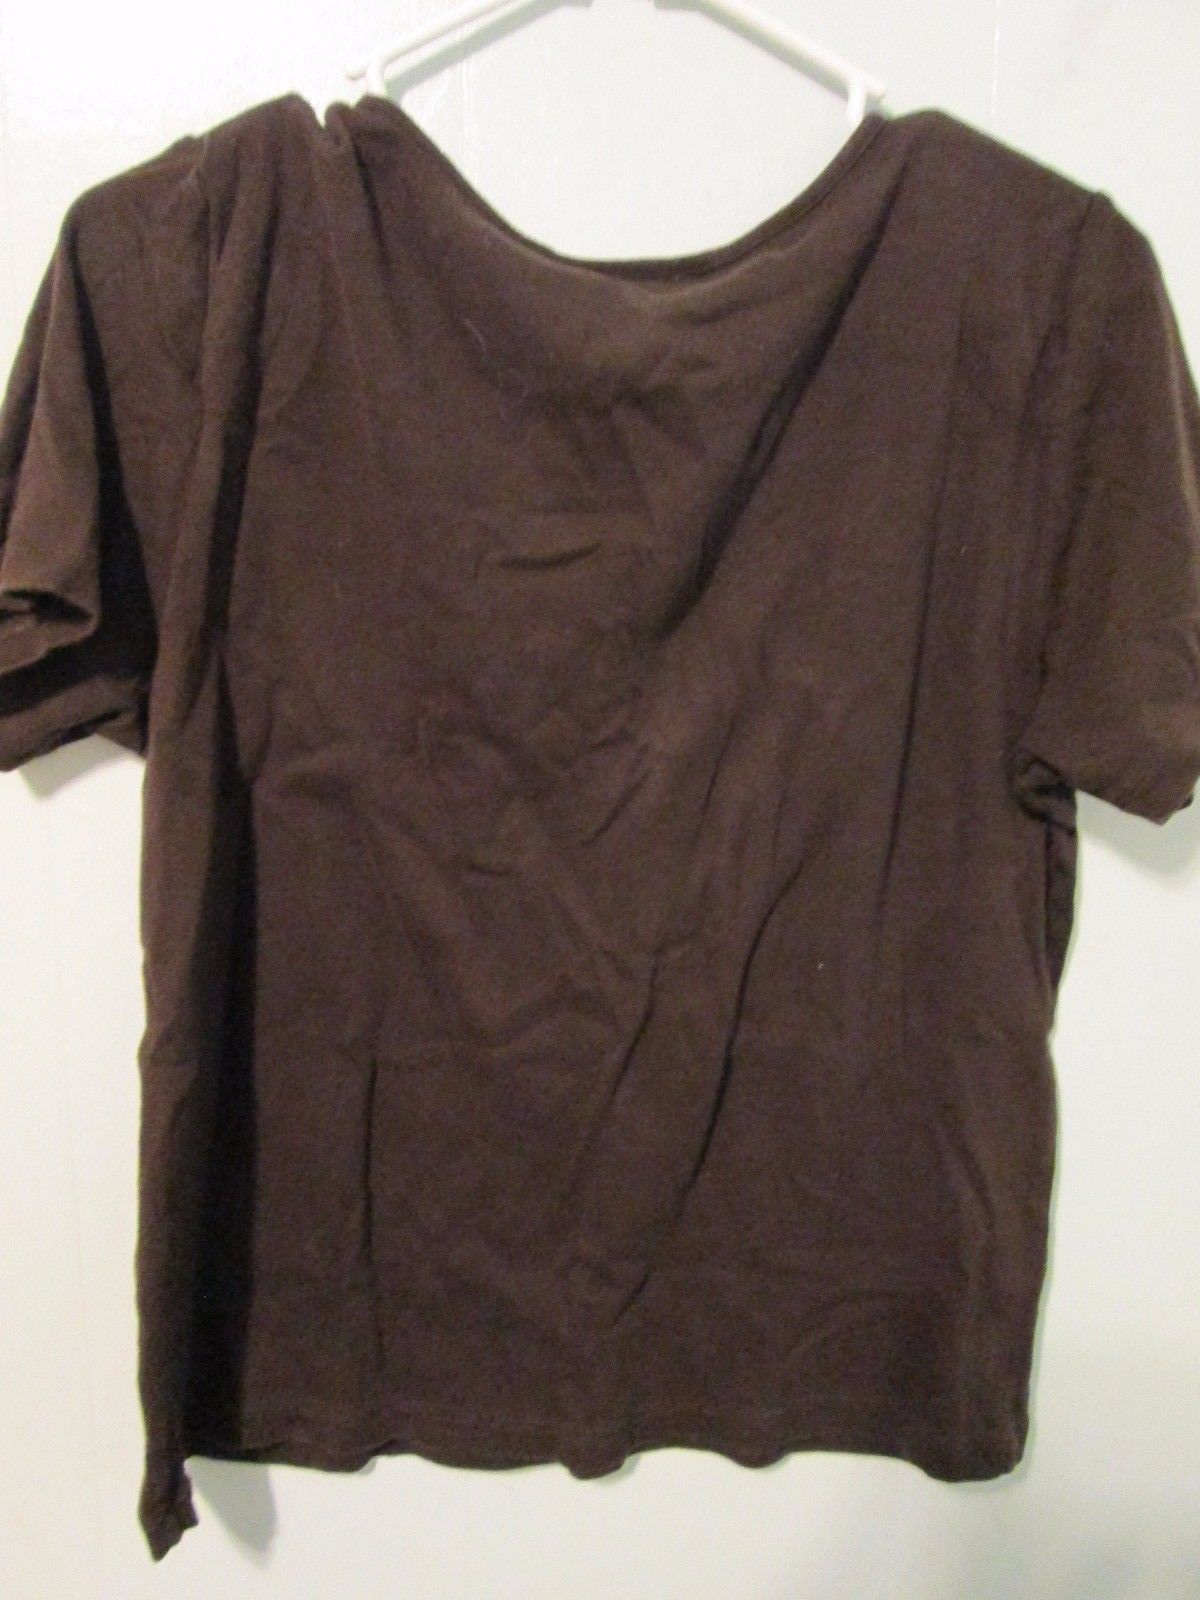 Basic ladies brown shirt w/ floral accent Size Lg. by Karen Scott  MMARS357